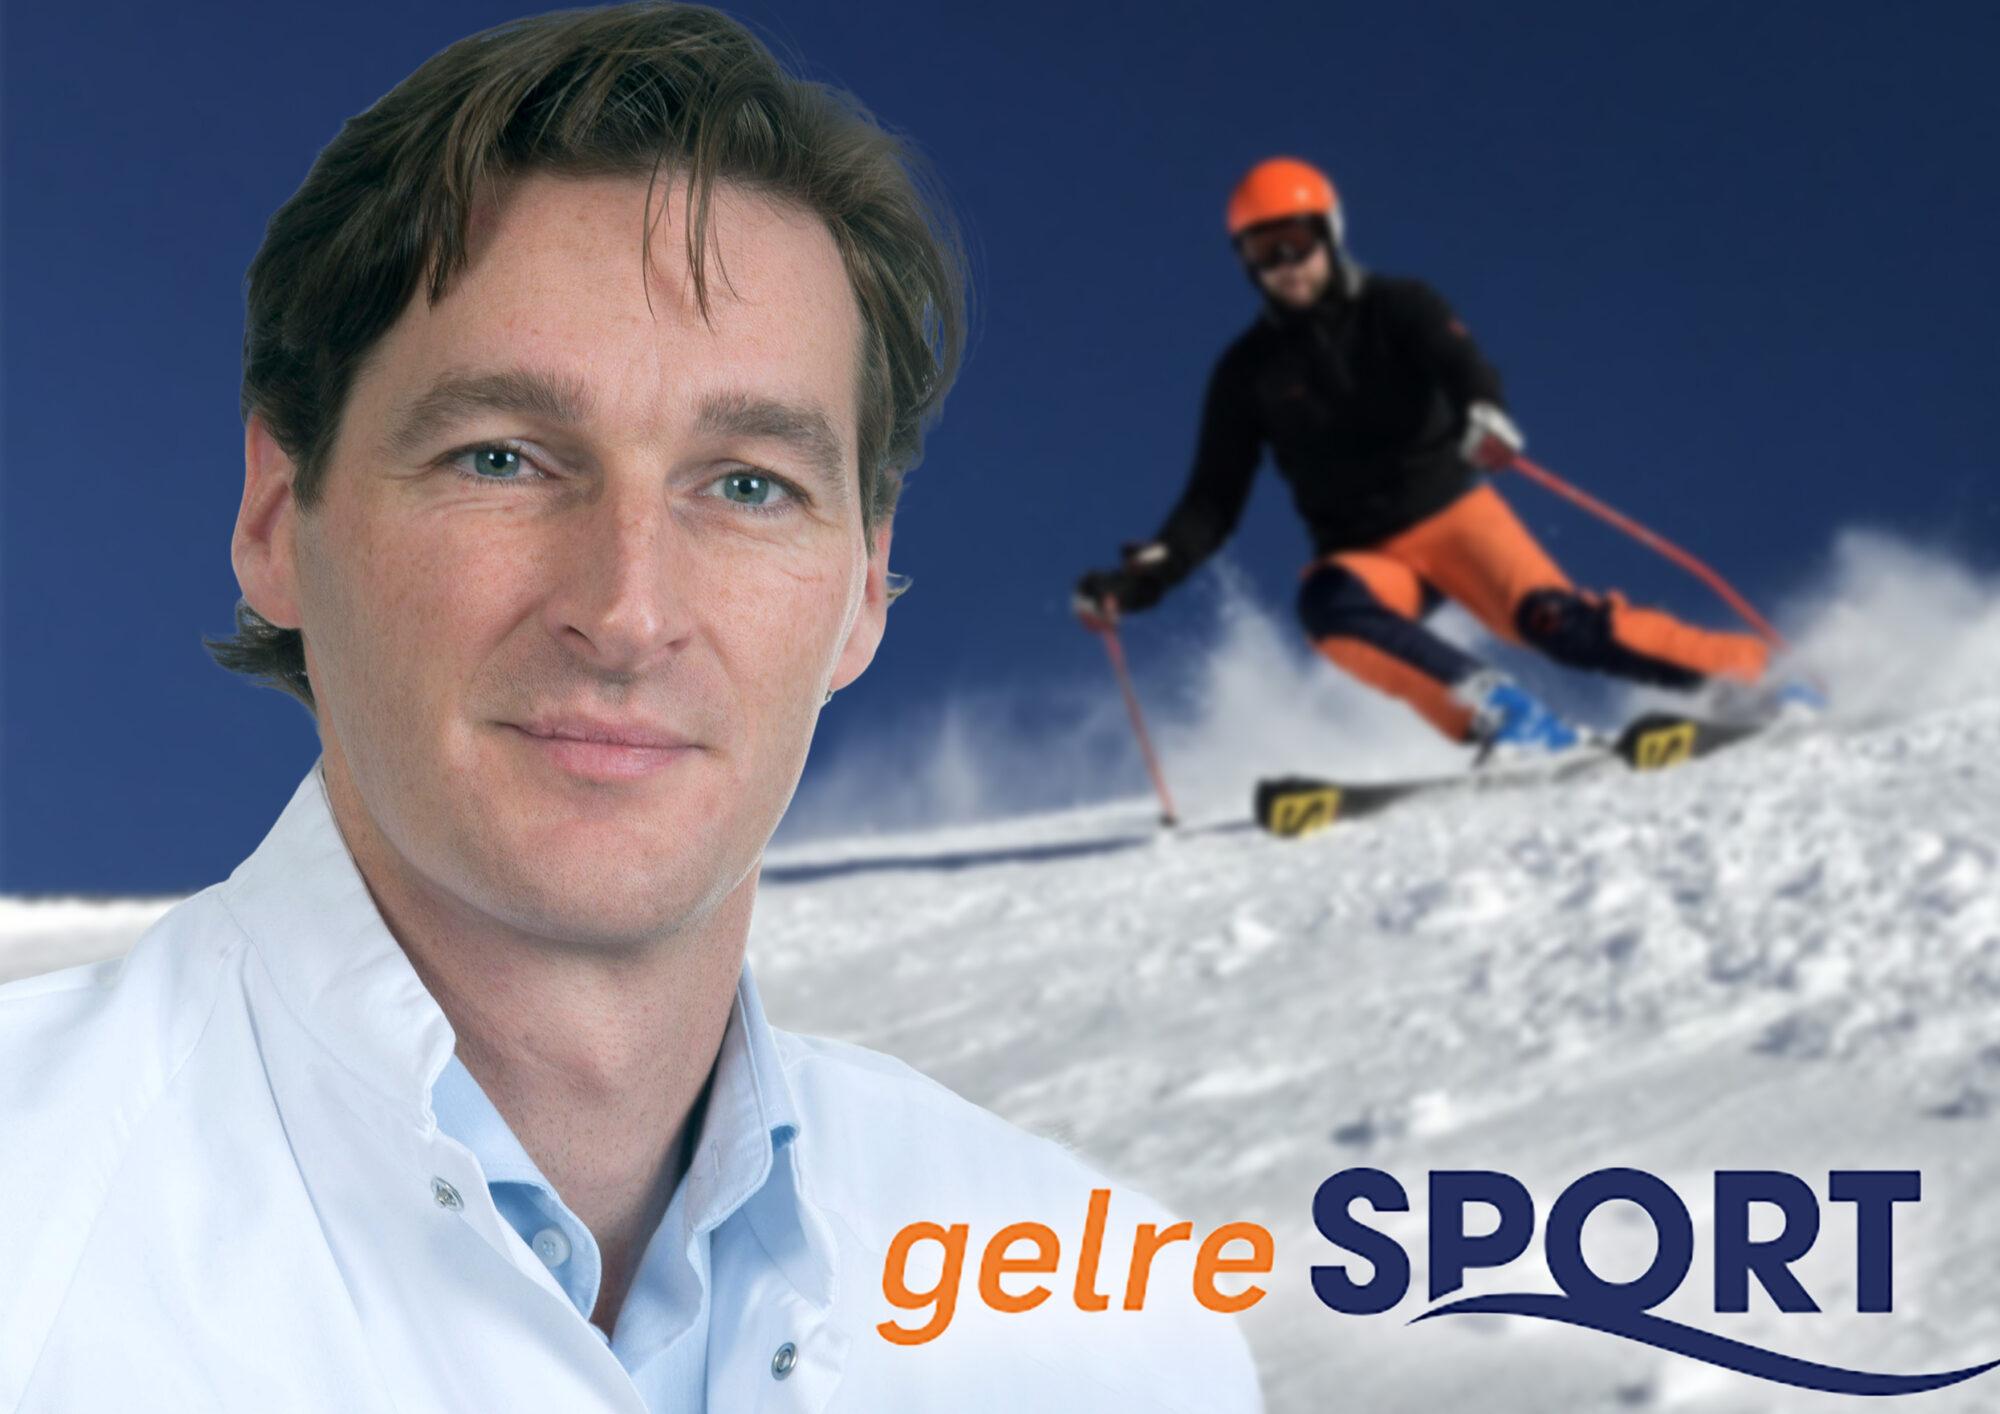 Uw orthopedisch chirurg: 'niet te snel opereren na ski-ongeval'